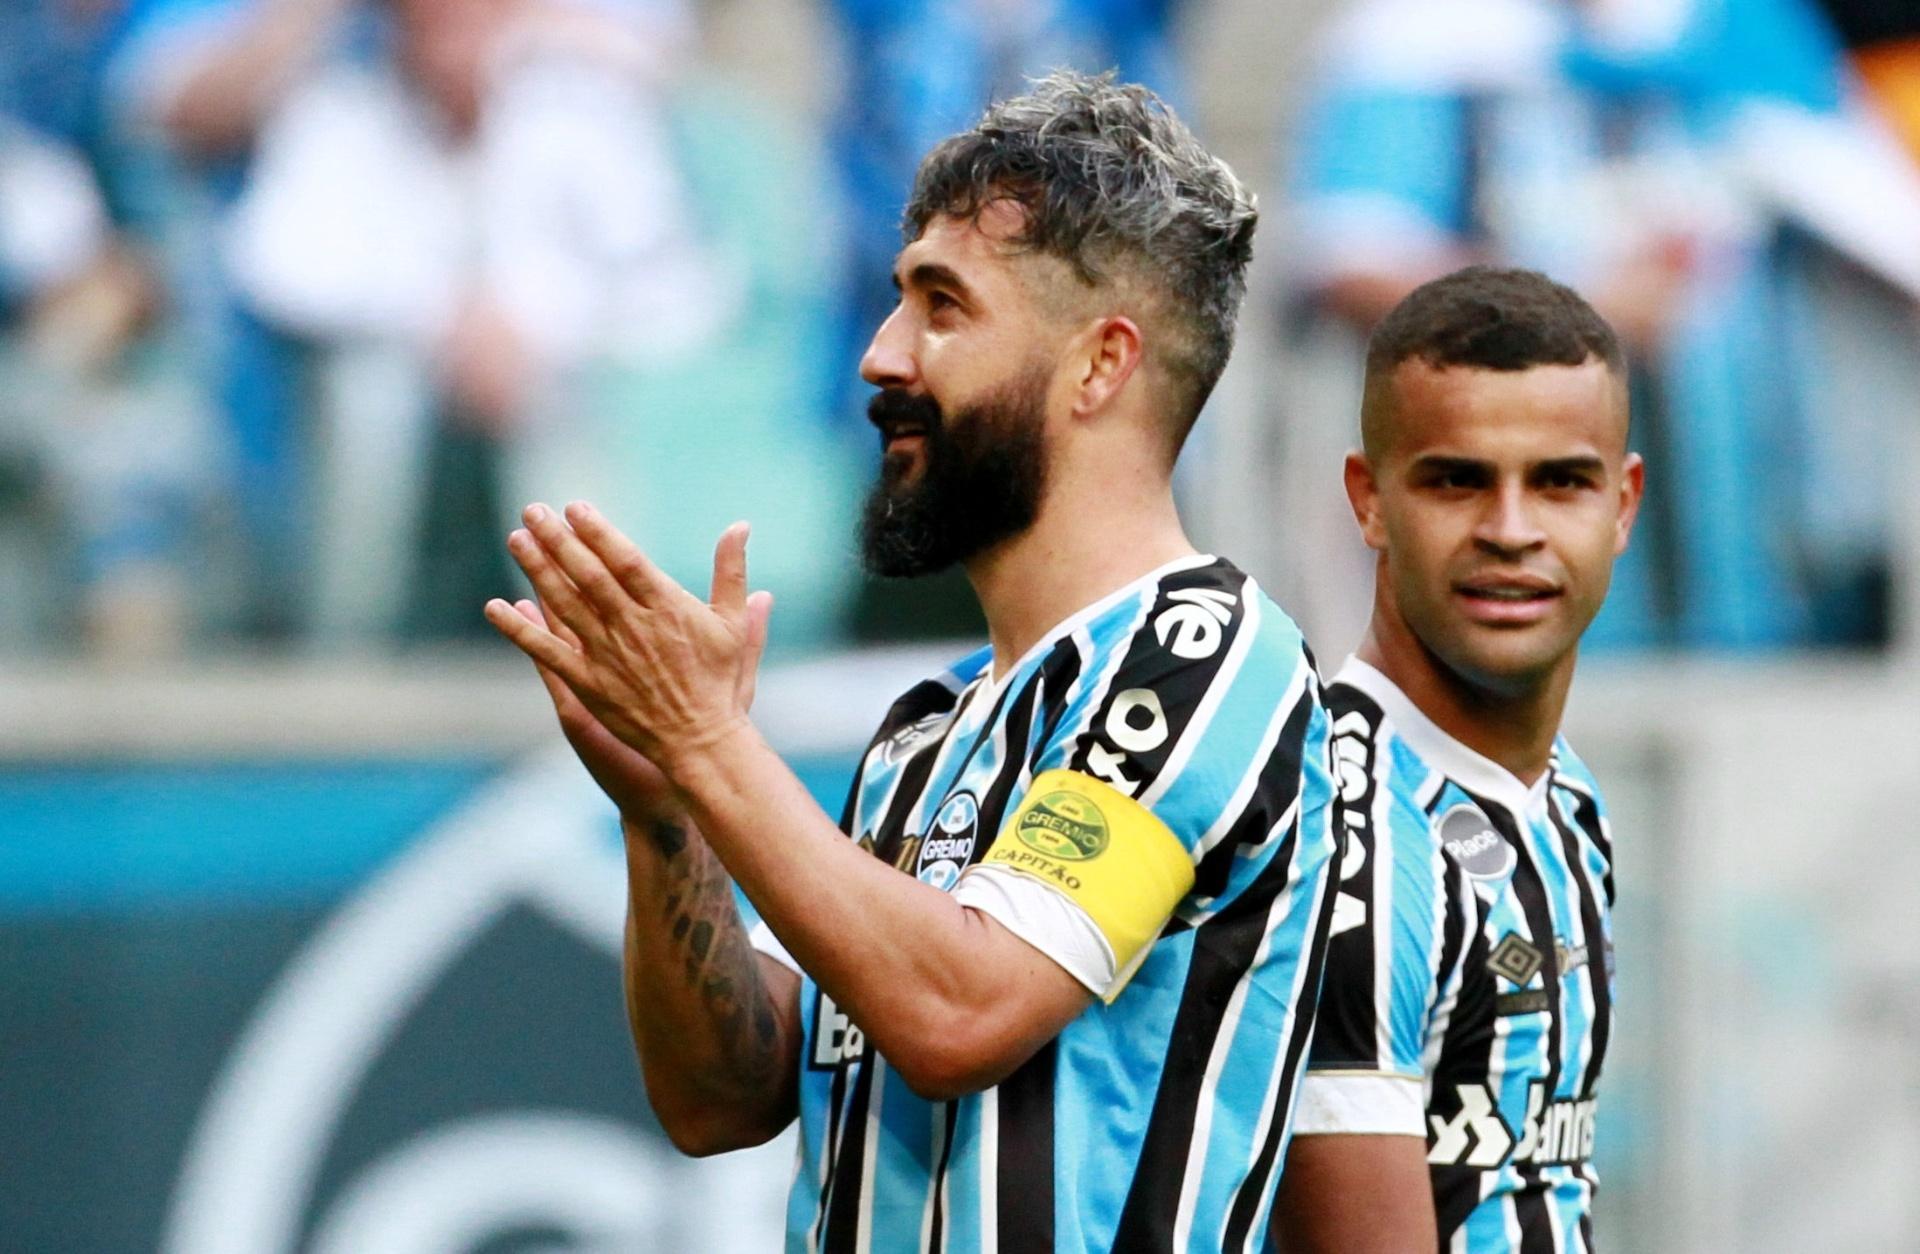 Grêmio paga mais de R  100 milhões em contas e vê 2019  mais limpo  -  21 09 2018 - UOL Esporte ec0694c4e6839